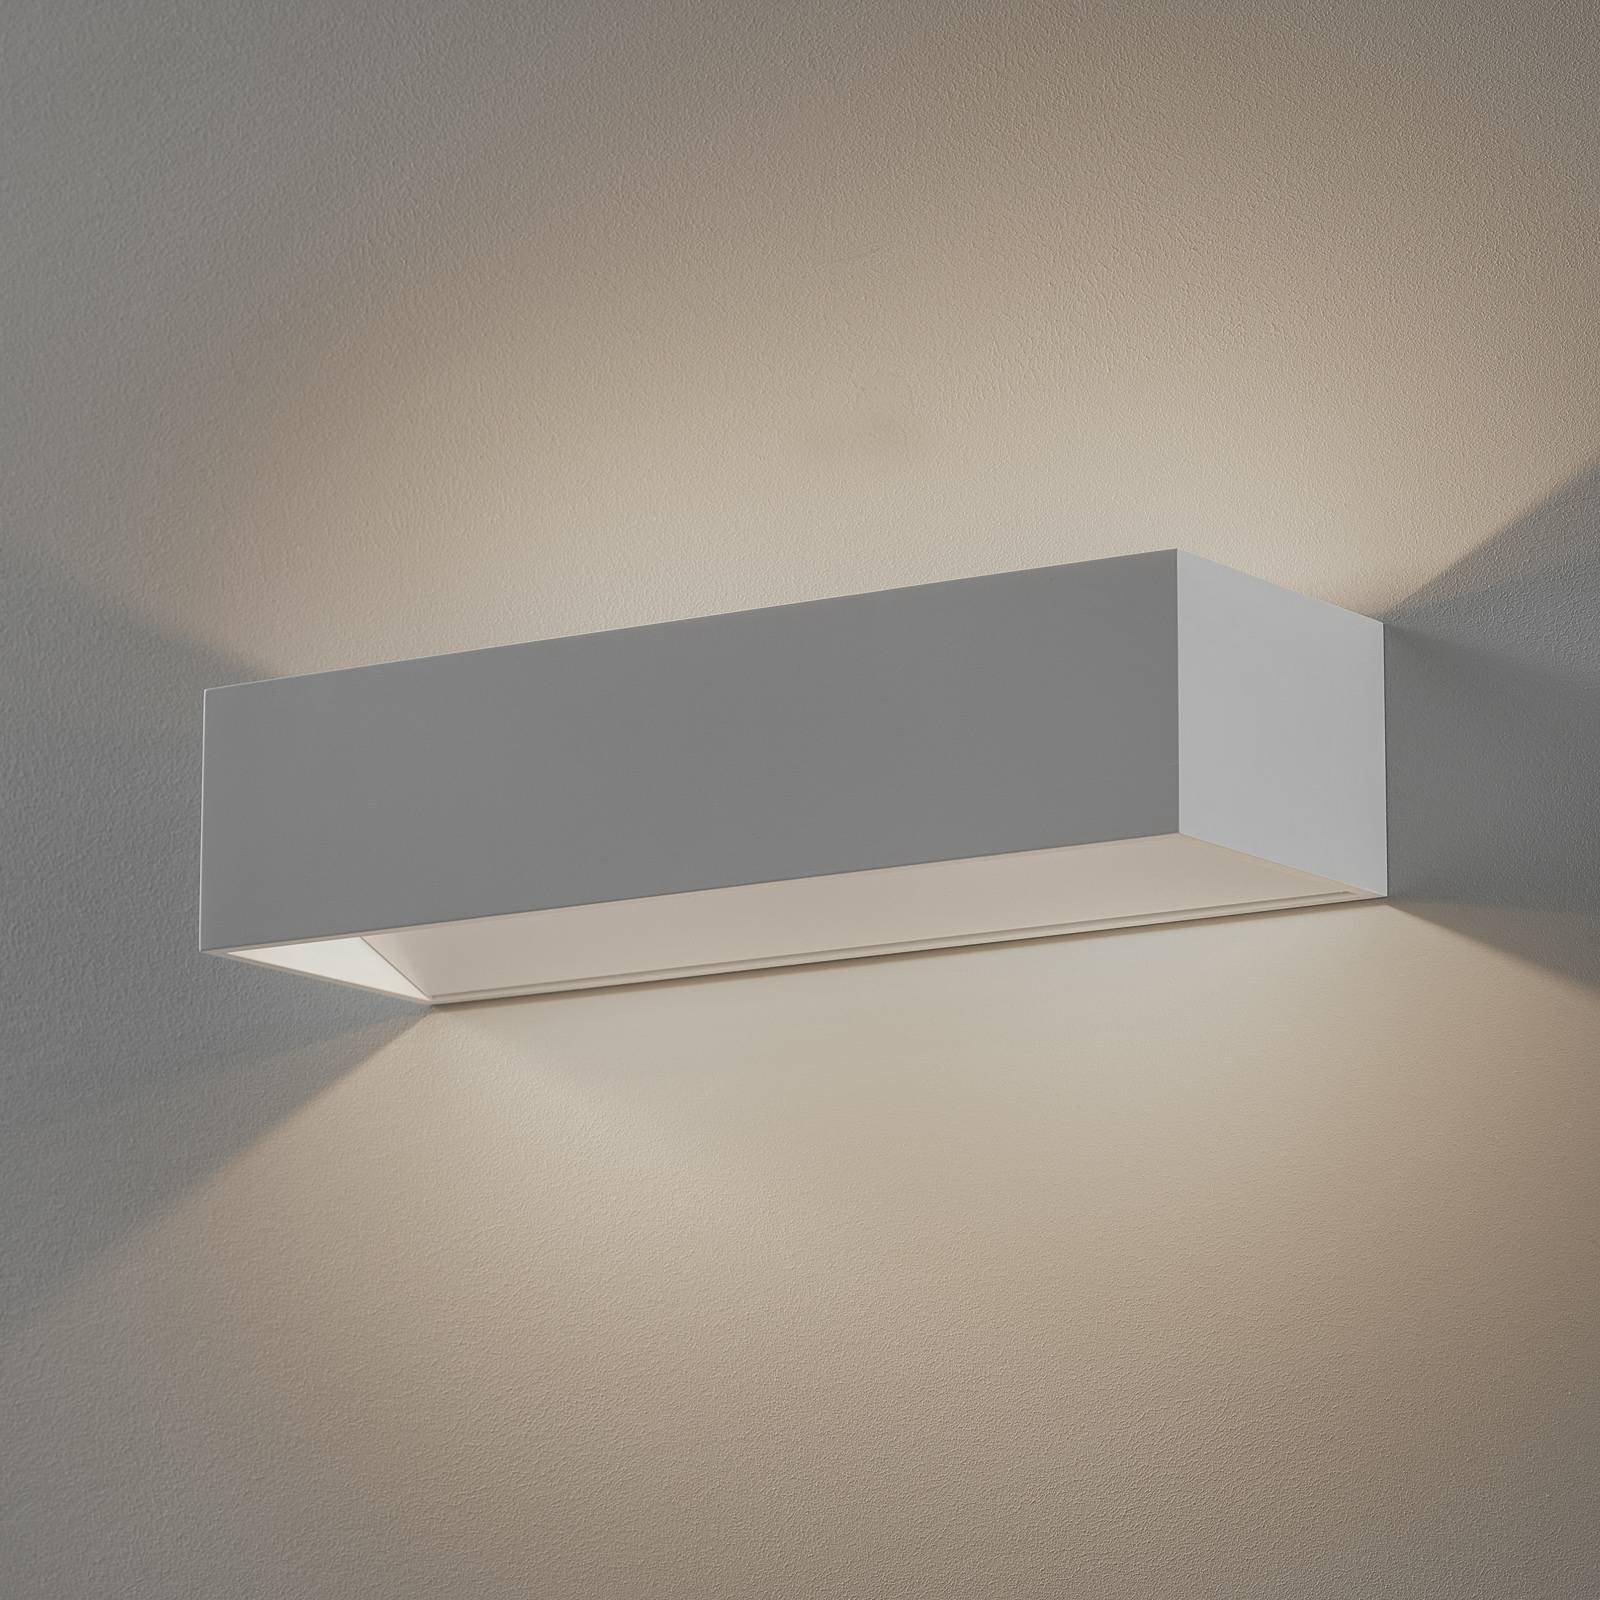 SLV Logs In LED-vegglampe, 30 cm, hvit/hvit